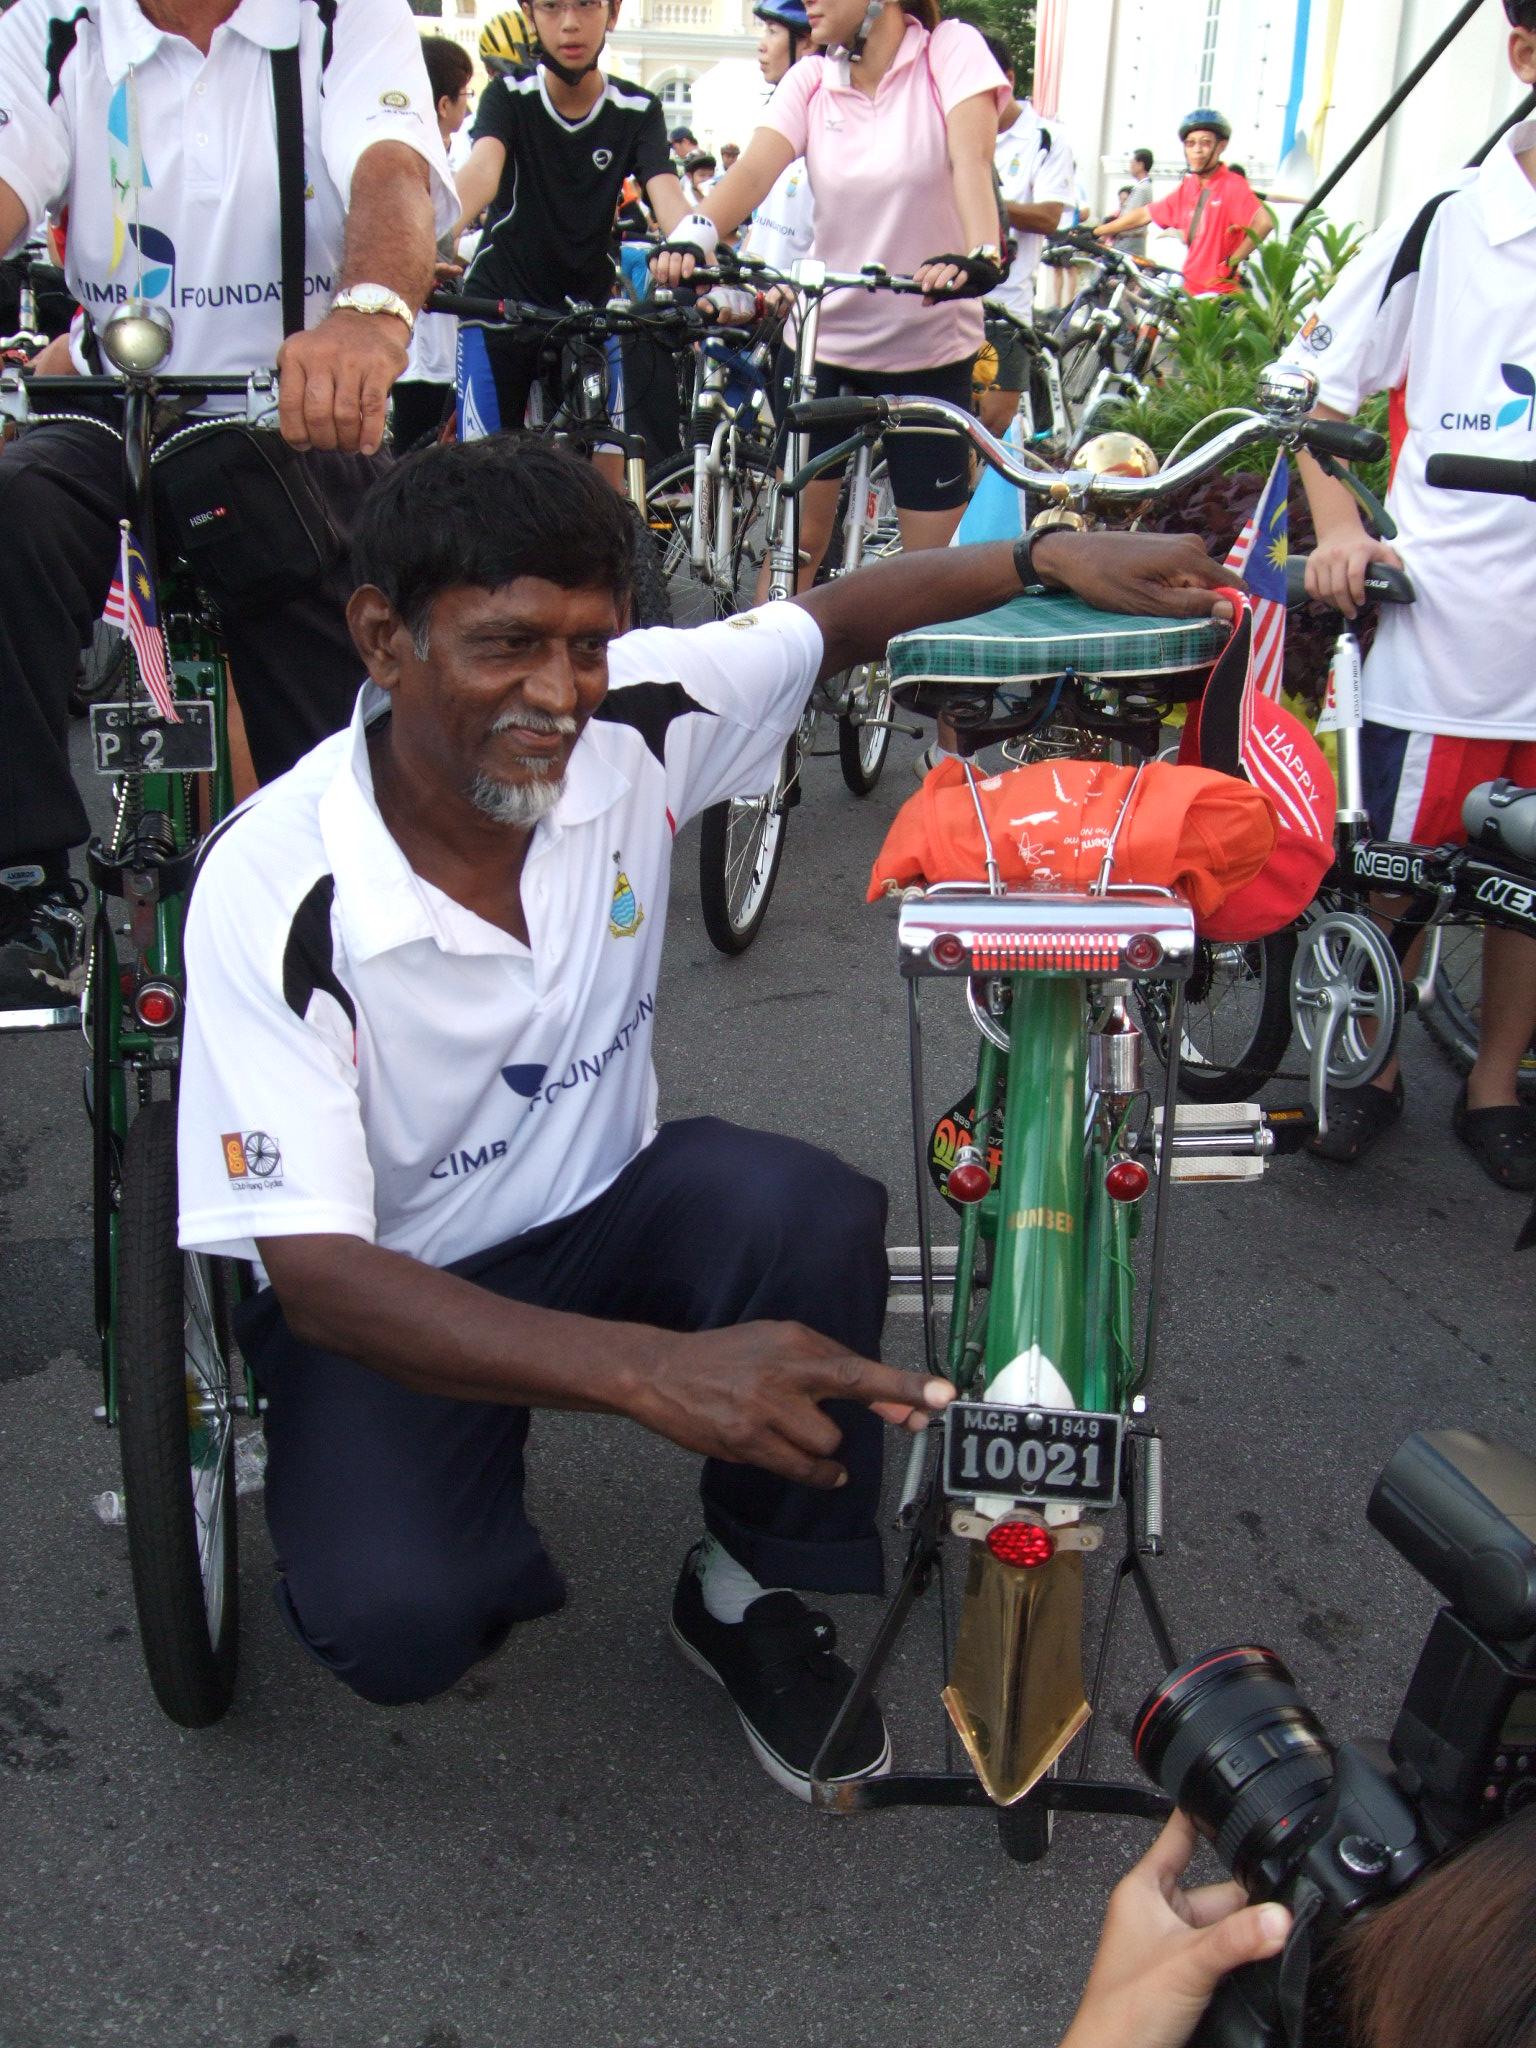 檳州腳車公會副秘書沙伊阿末更使用擁有腳車車牌的舊式腳車